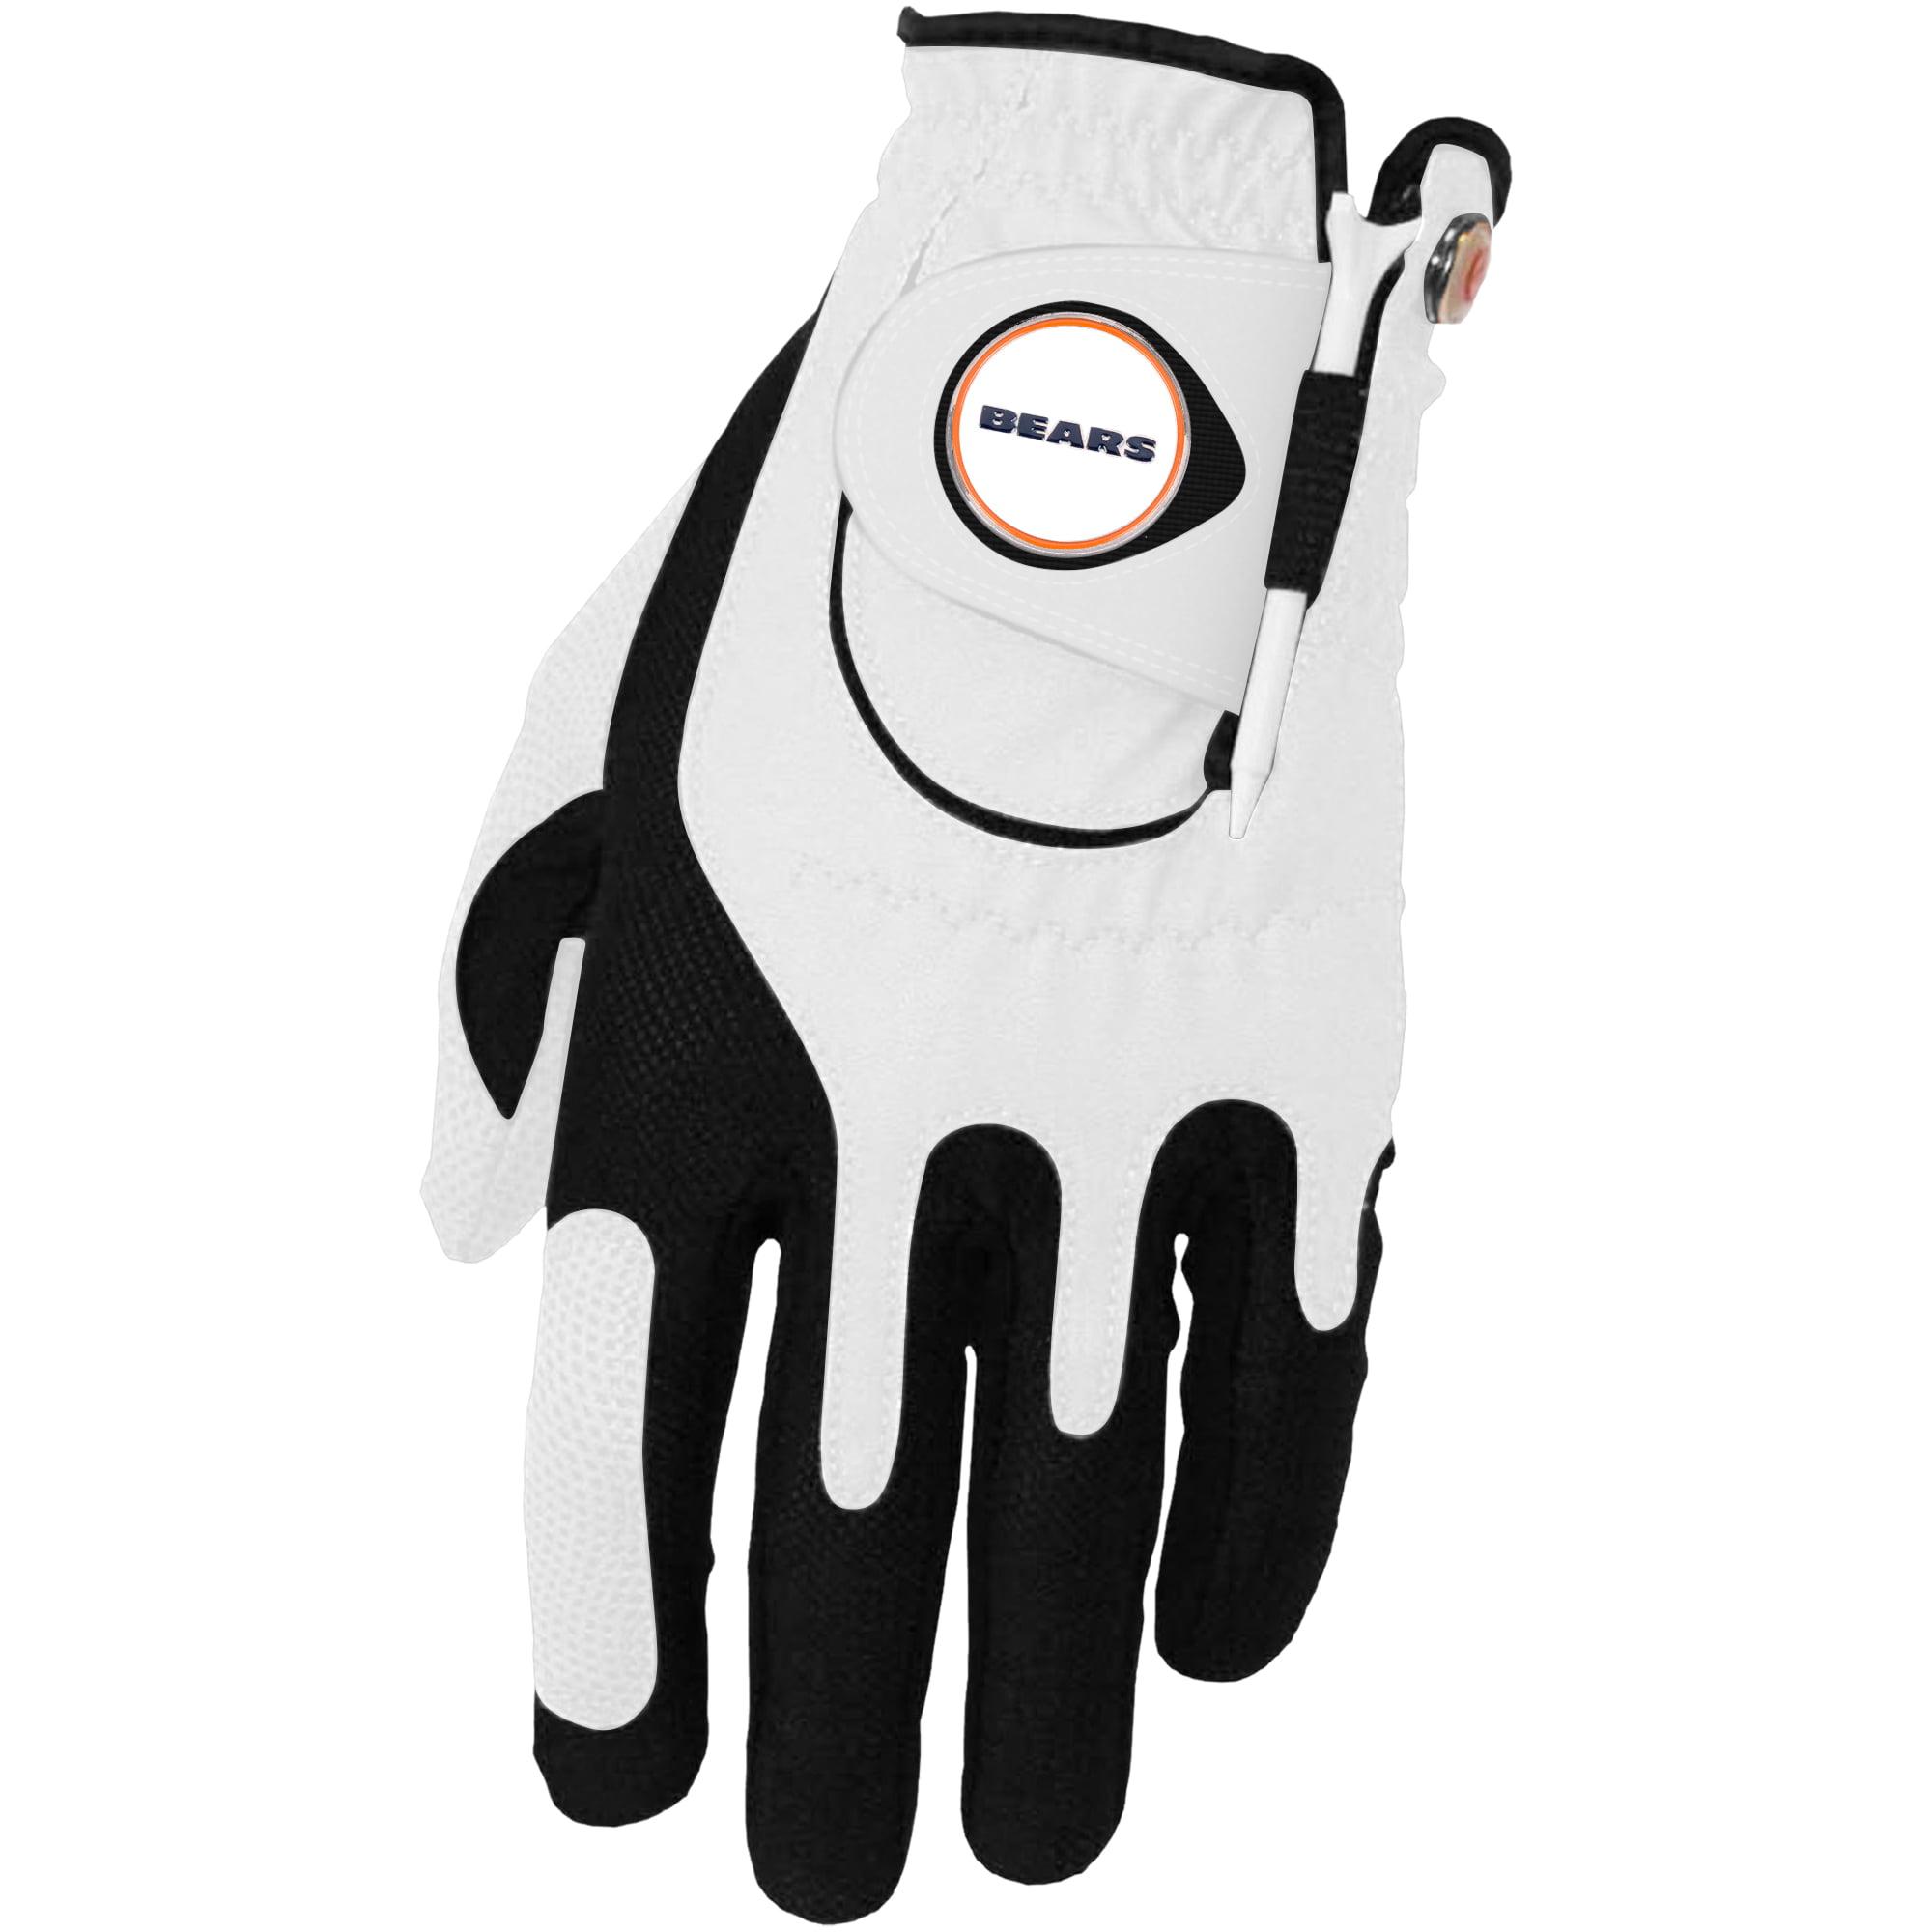 Chicago Bears Left Hand Golf Glove & Ball Marker Set - White - OSFM